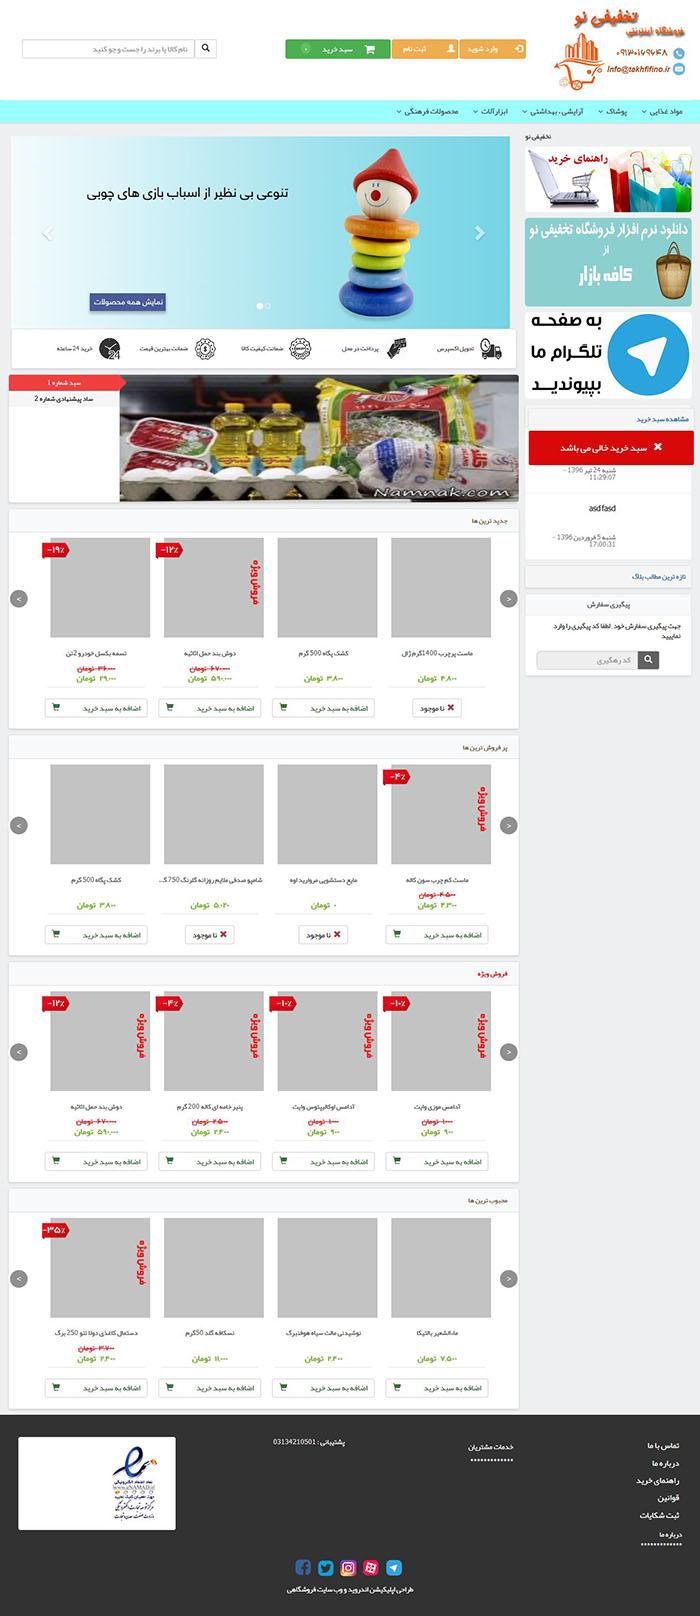 ساخت اپلیکیشن و وب سایت فروشگاهی تخفیفی نو 0